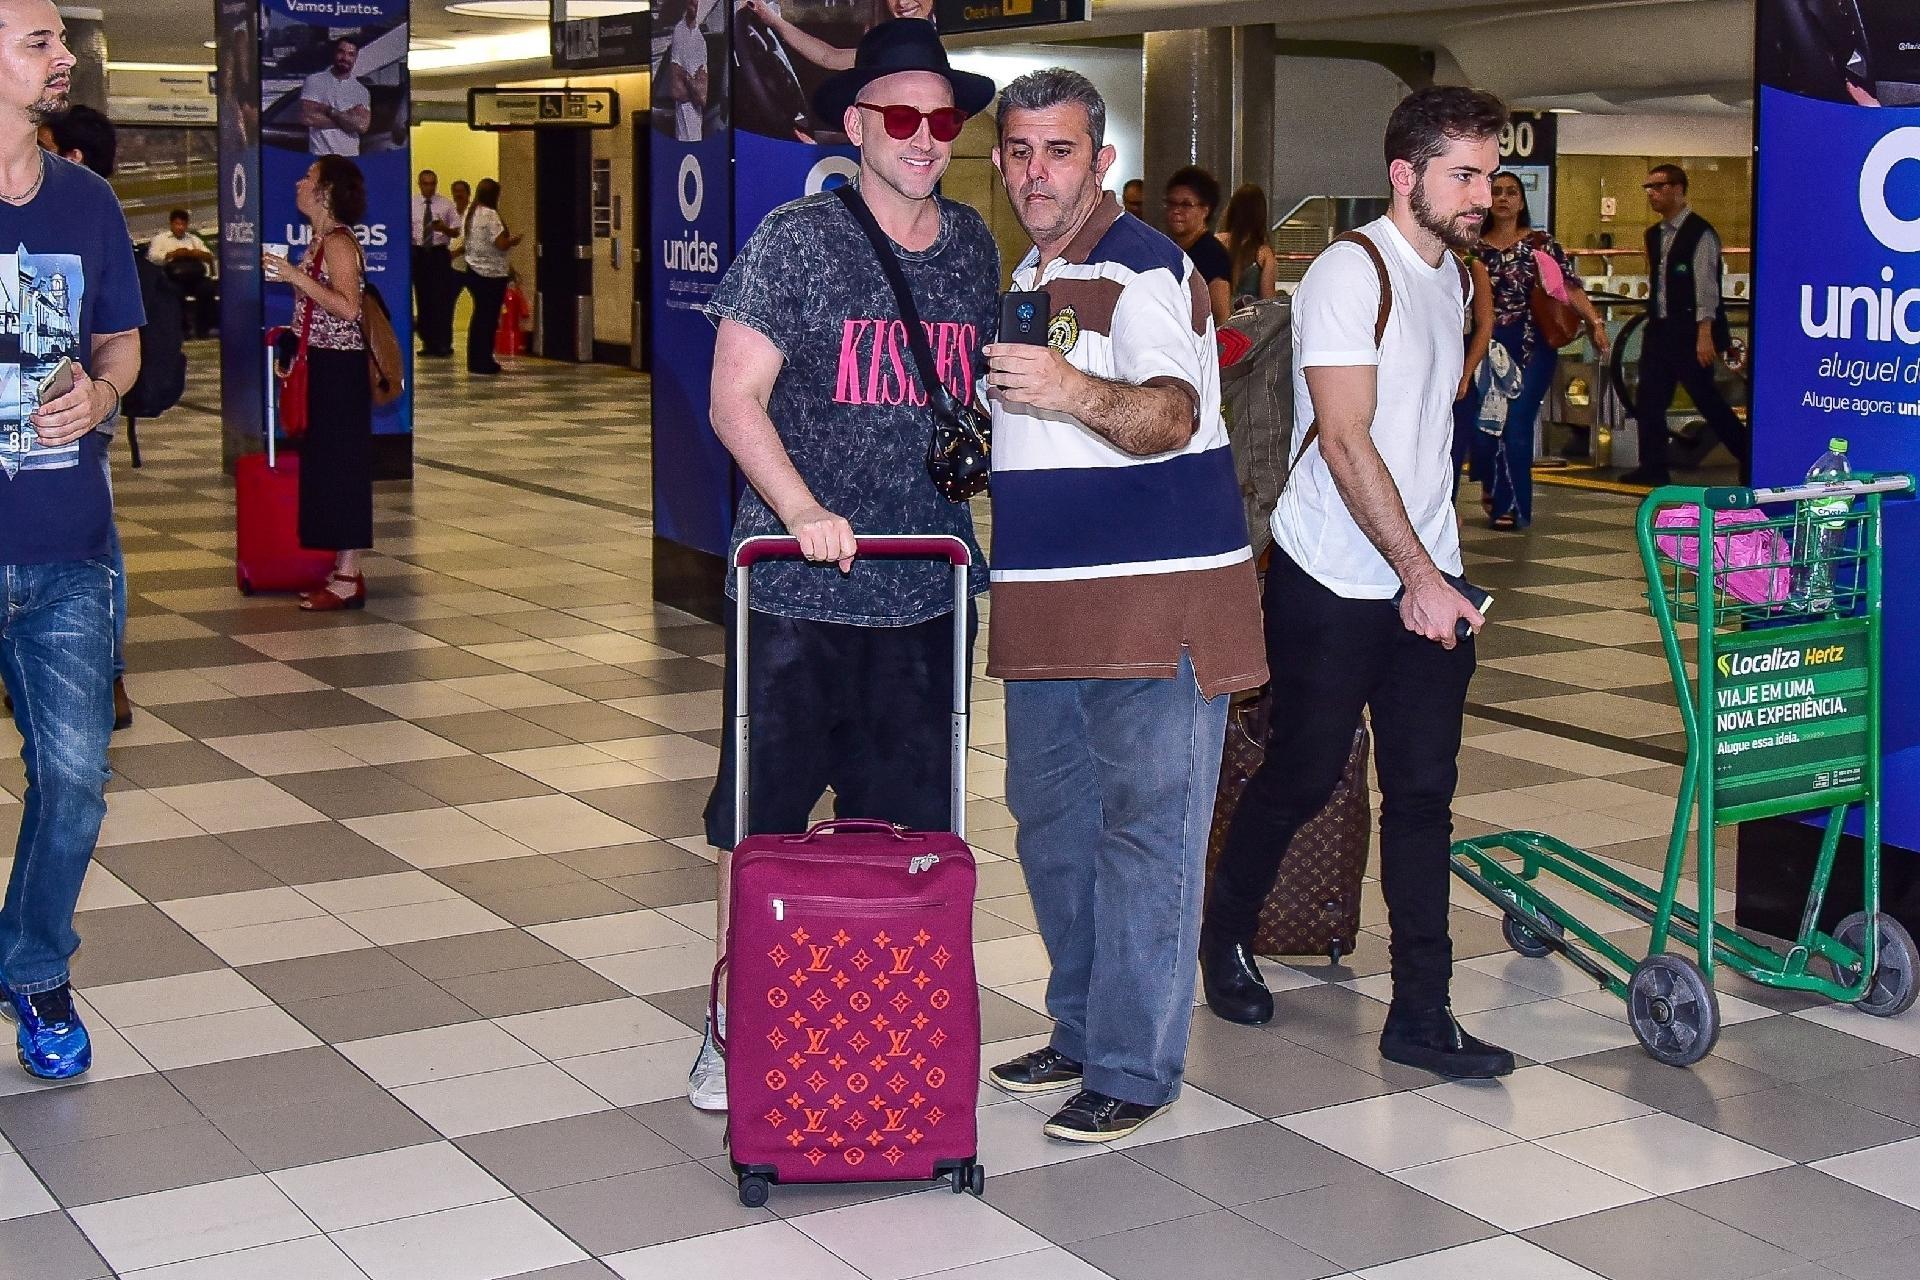 Paulo Gustavo scatta una foto con un fan all'aeroporto - AG NEWS